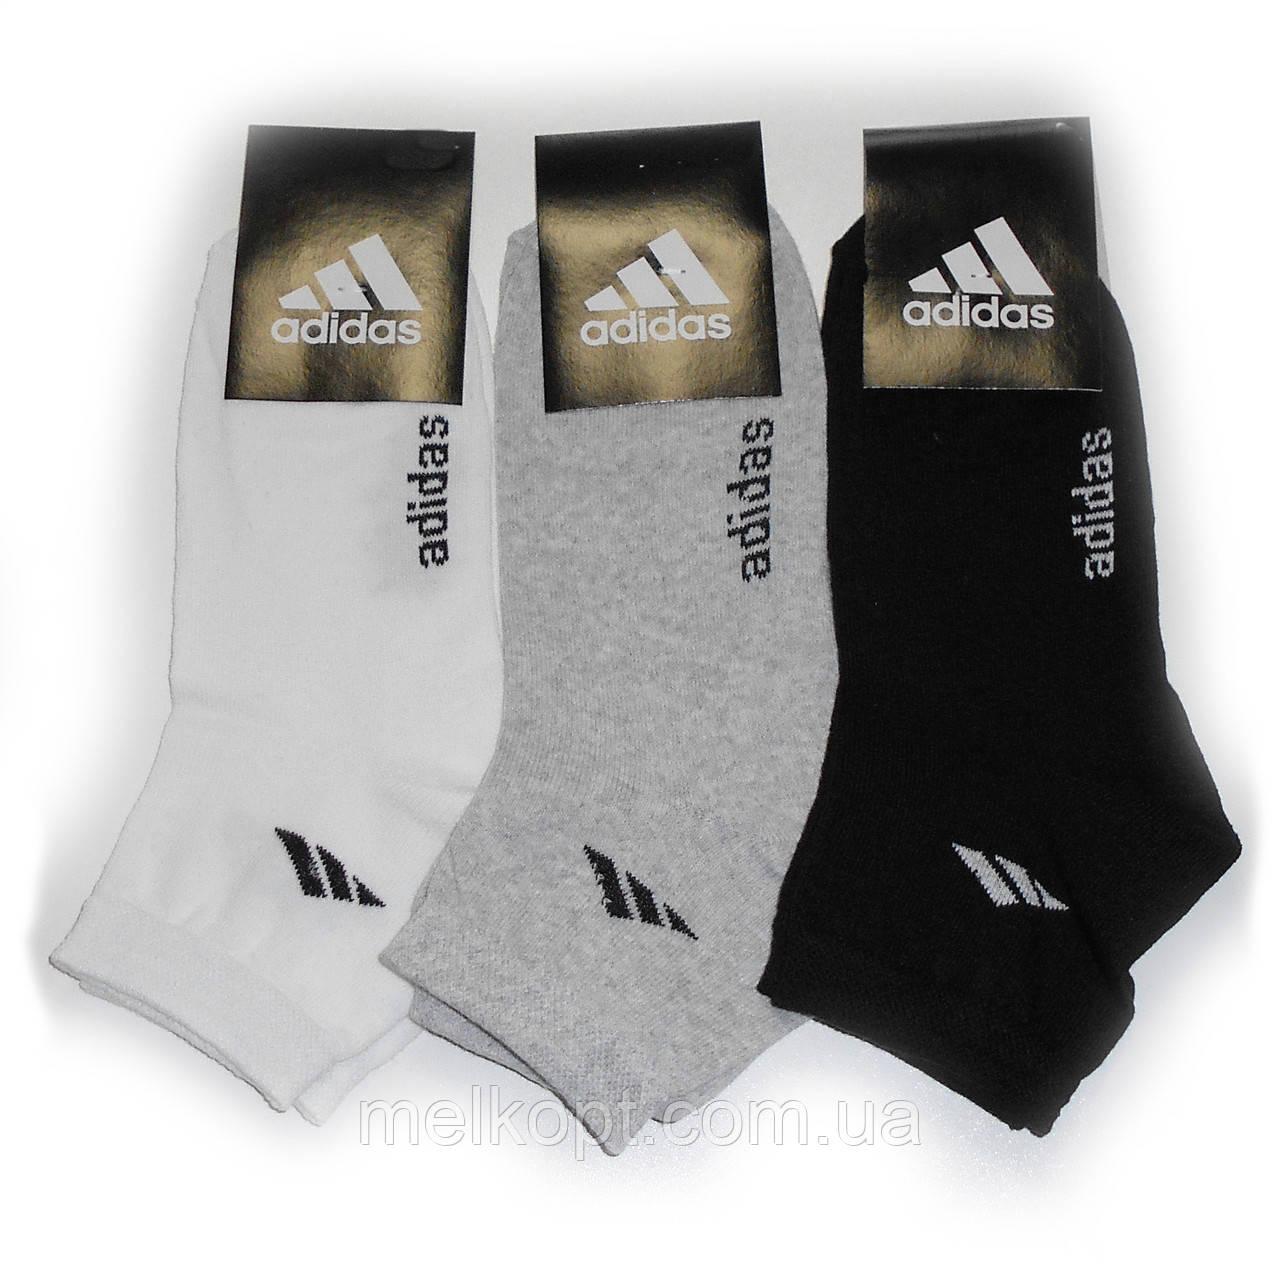 Женские носки с надписью Adidas от 8,75 грн./пара (светлое ассорти)